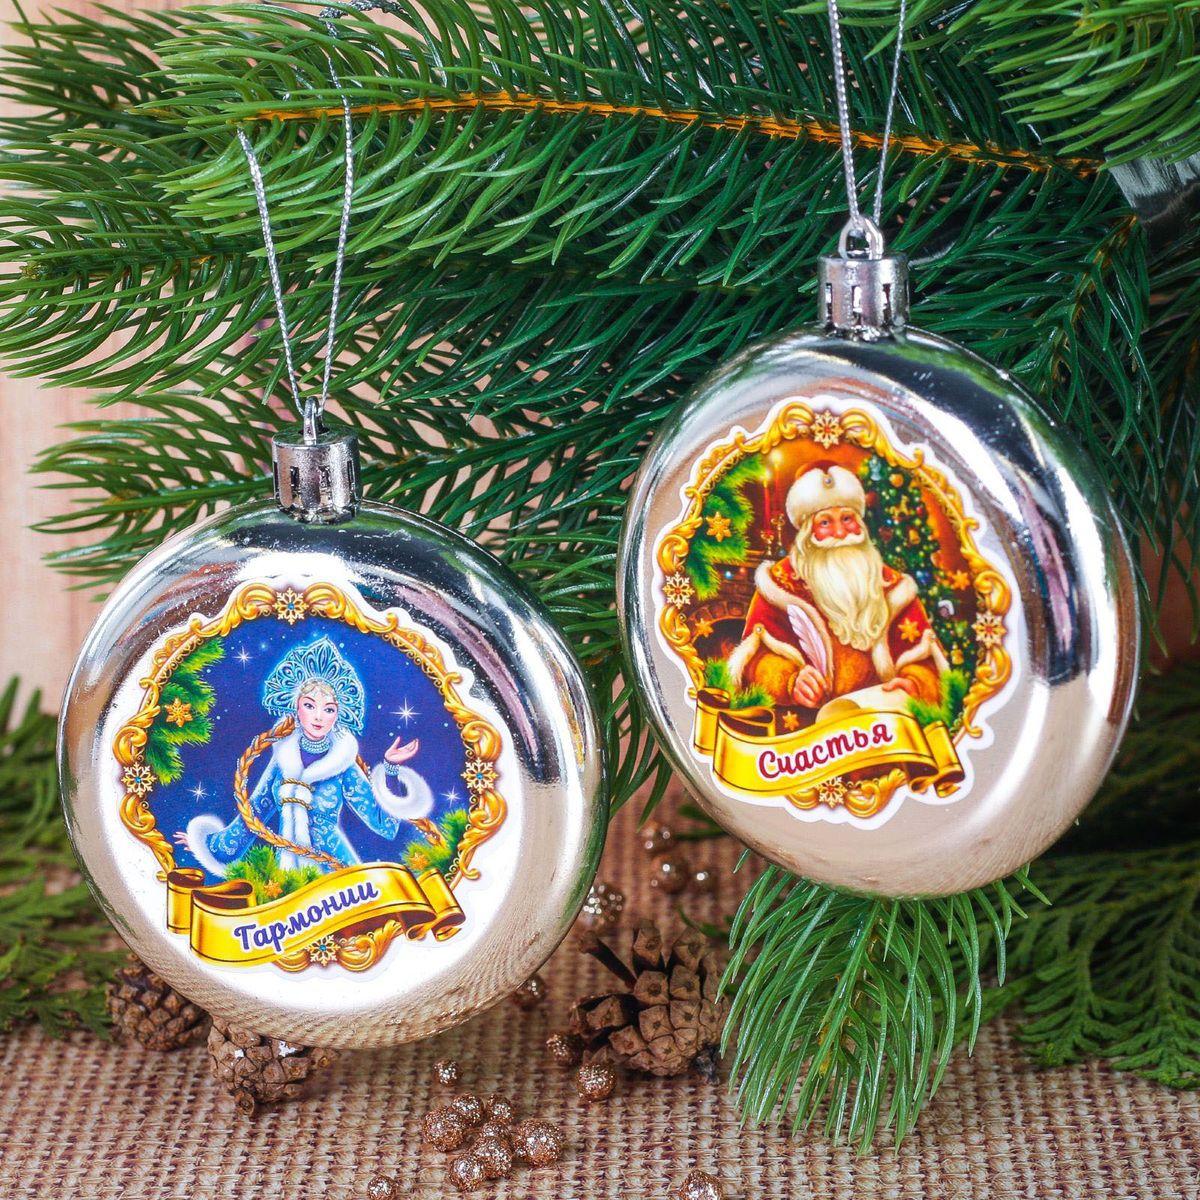 Новогоднее подвесное украшение Sima-land Счастья и гармонии, 2 шт. 23937742393774Новогоднее украшение Sima-land отлично подойдет для декорации вашего дома и новогодней ели. Украшение оснащено специальной петелькой для подвешивания. Елочная игрушка - символ Нового года. Она несет в себе волшебство и красоту праздника. Такое украшение создаст в вашем доме атмосферу праздника, веселья и радости.